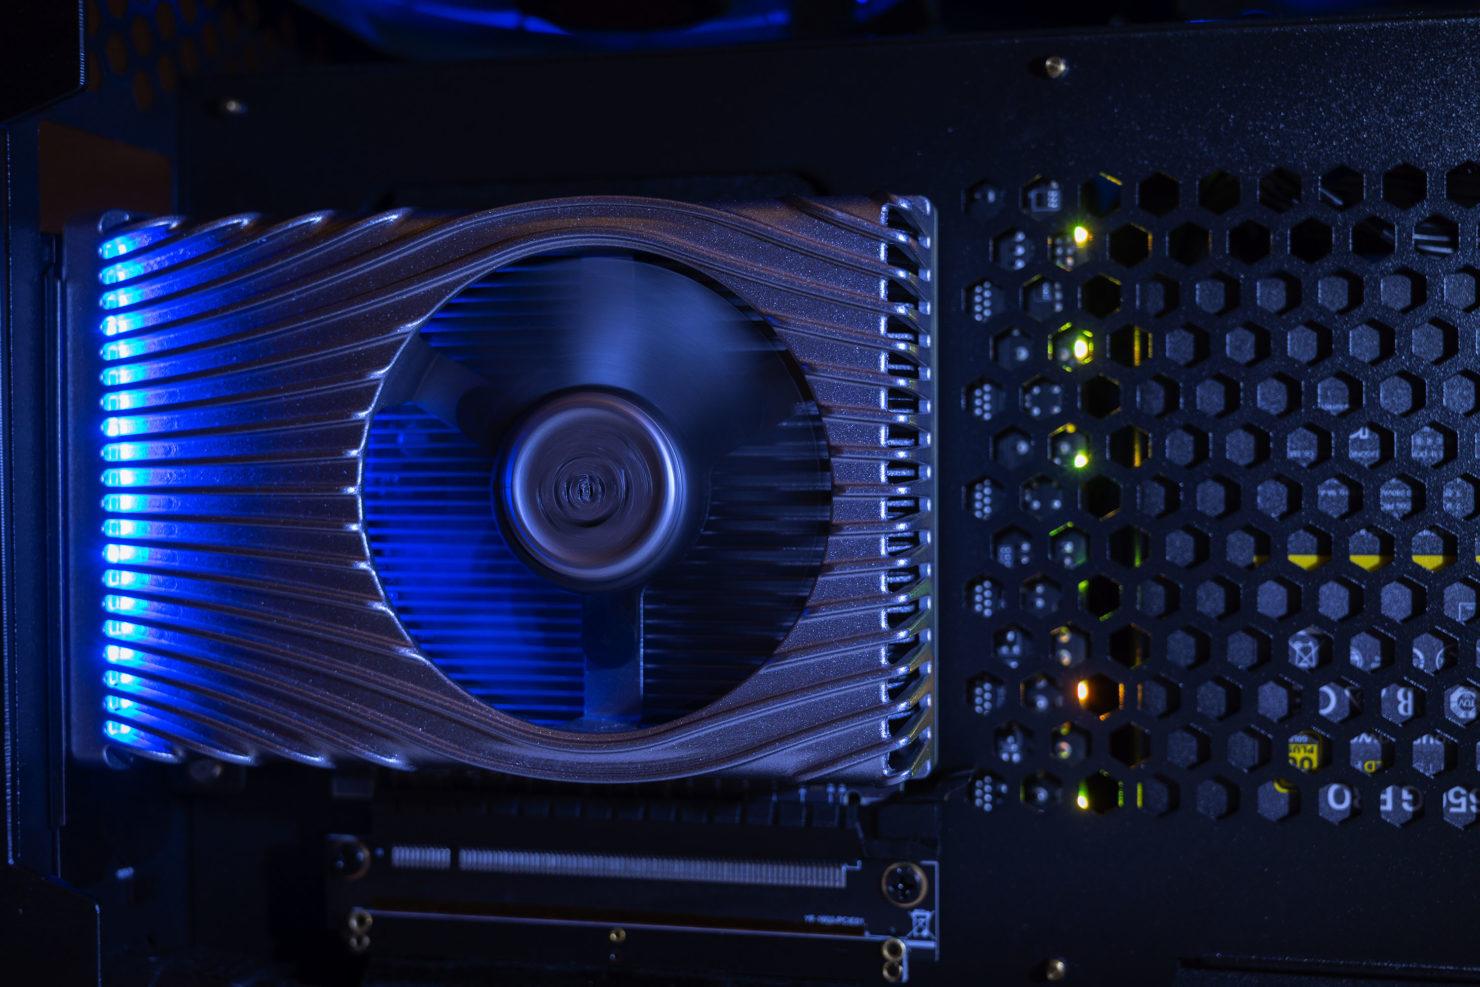 Intels Xe DG1-GPU im 3DMark-Benchmark - schneller als alle integrierten GPUs, aber langsamer als die Einsteigerkarten von AMD und Nvidia